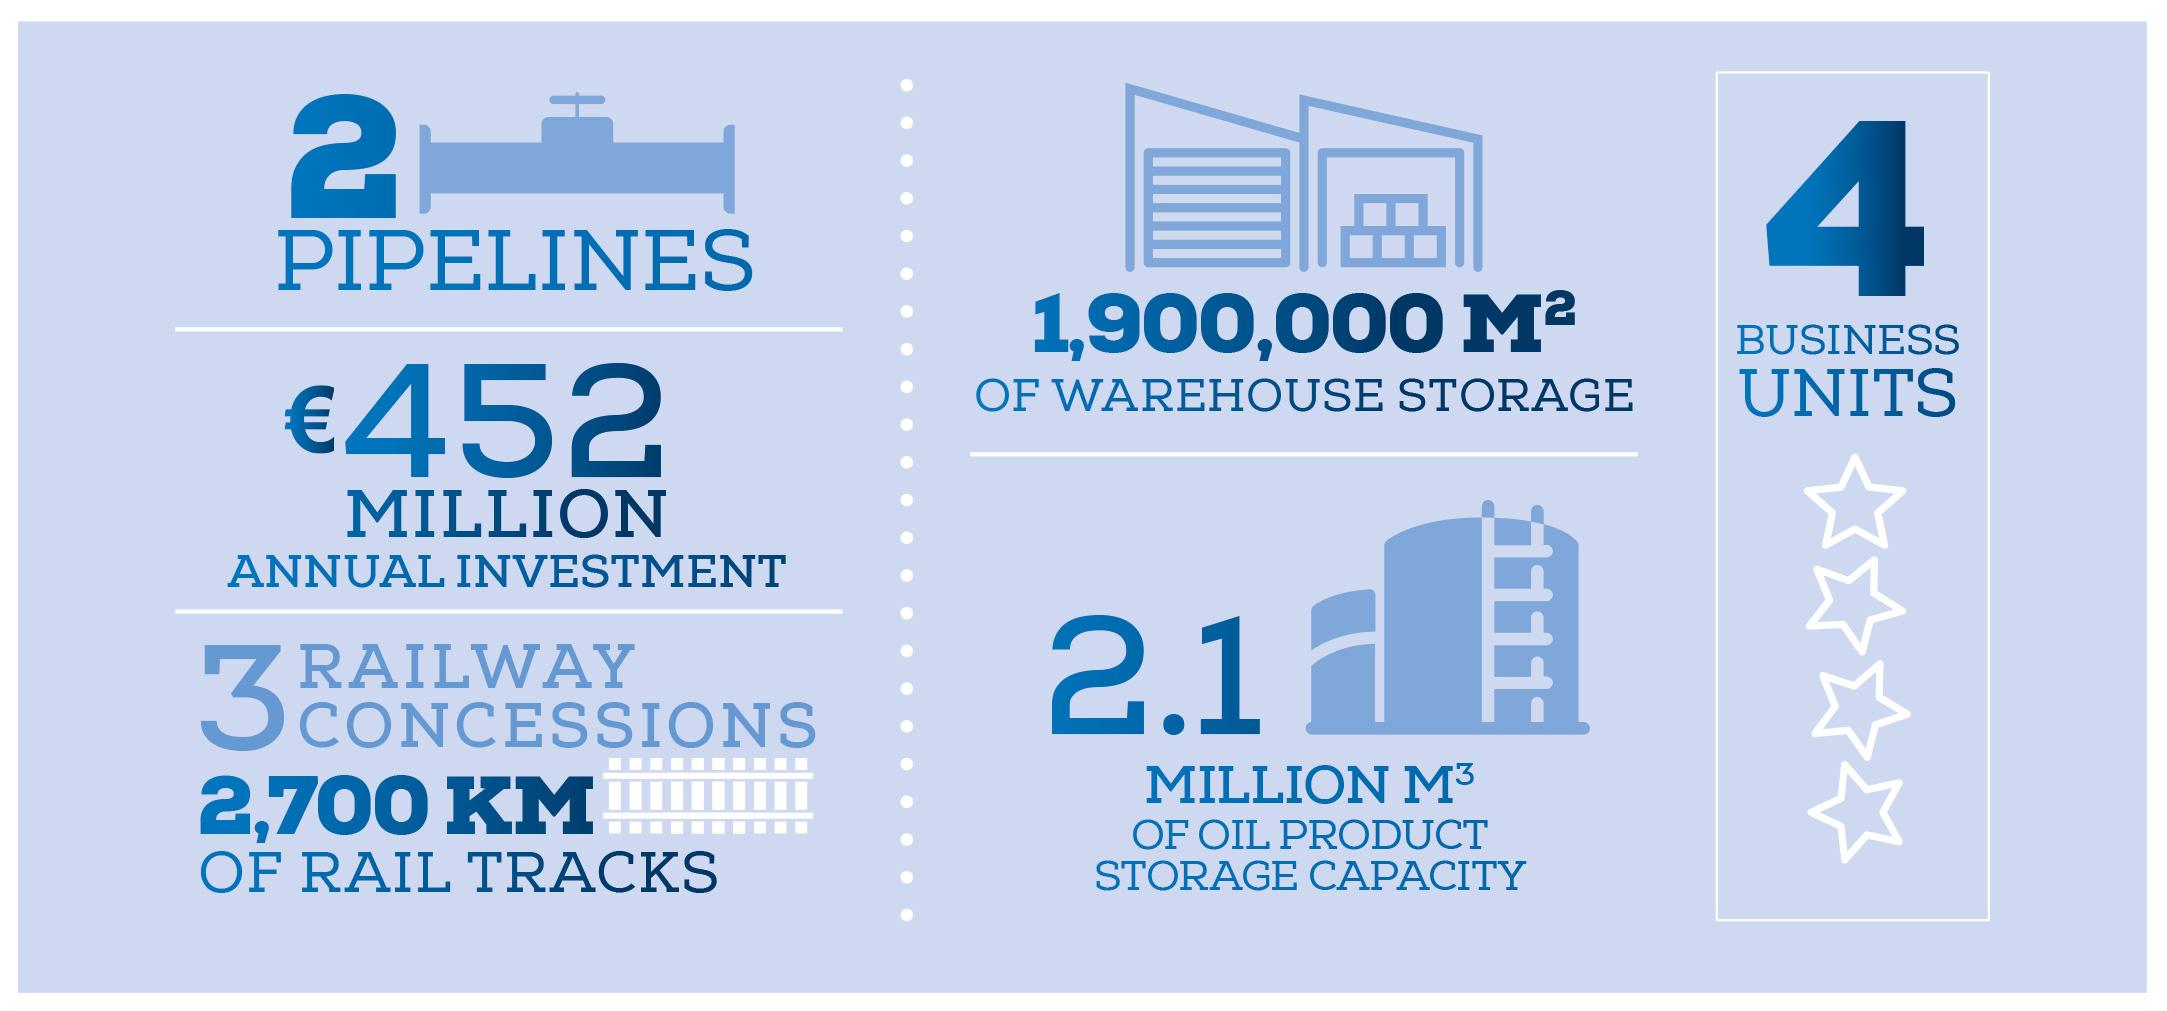 Bolloré Transport Logistics: values and key figures